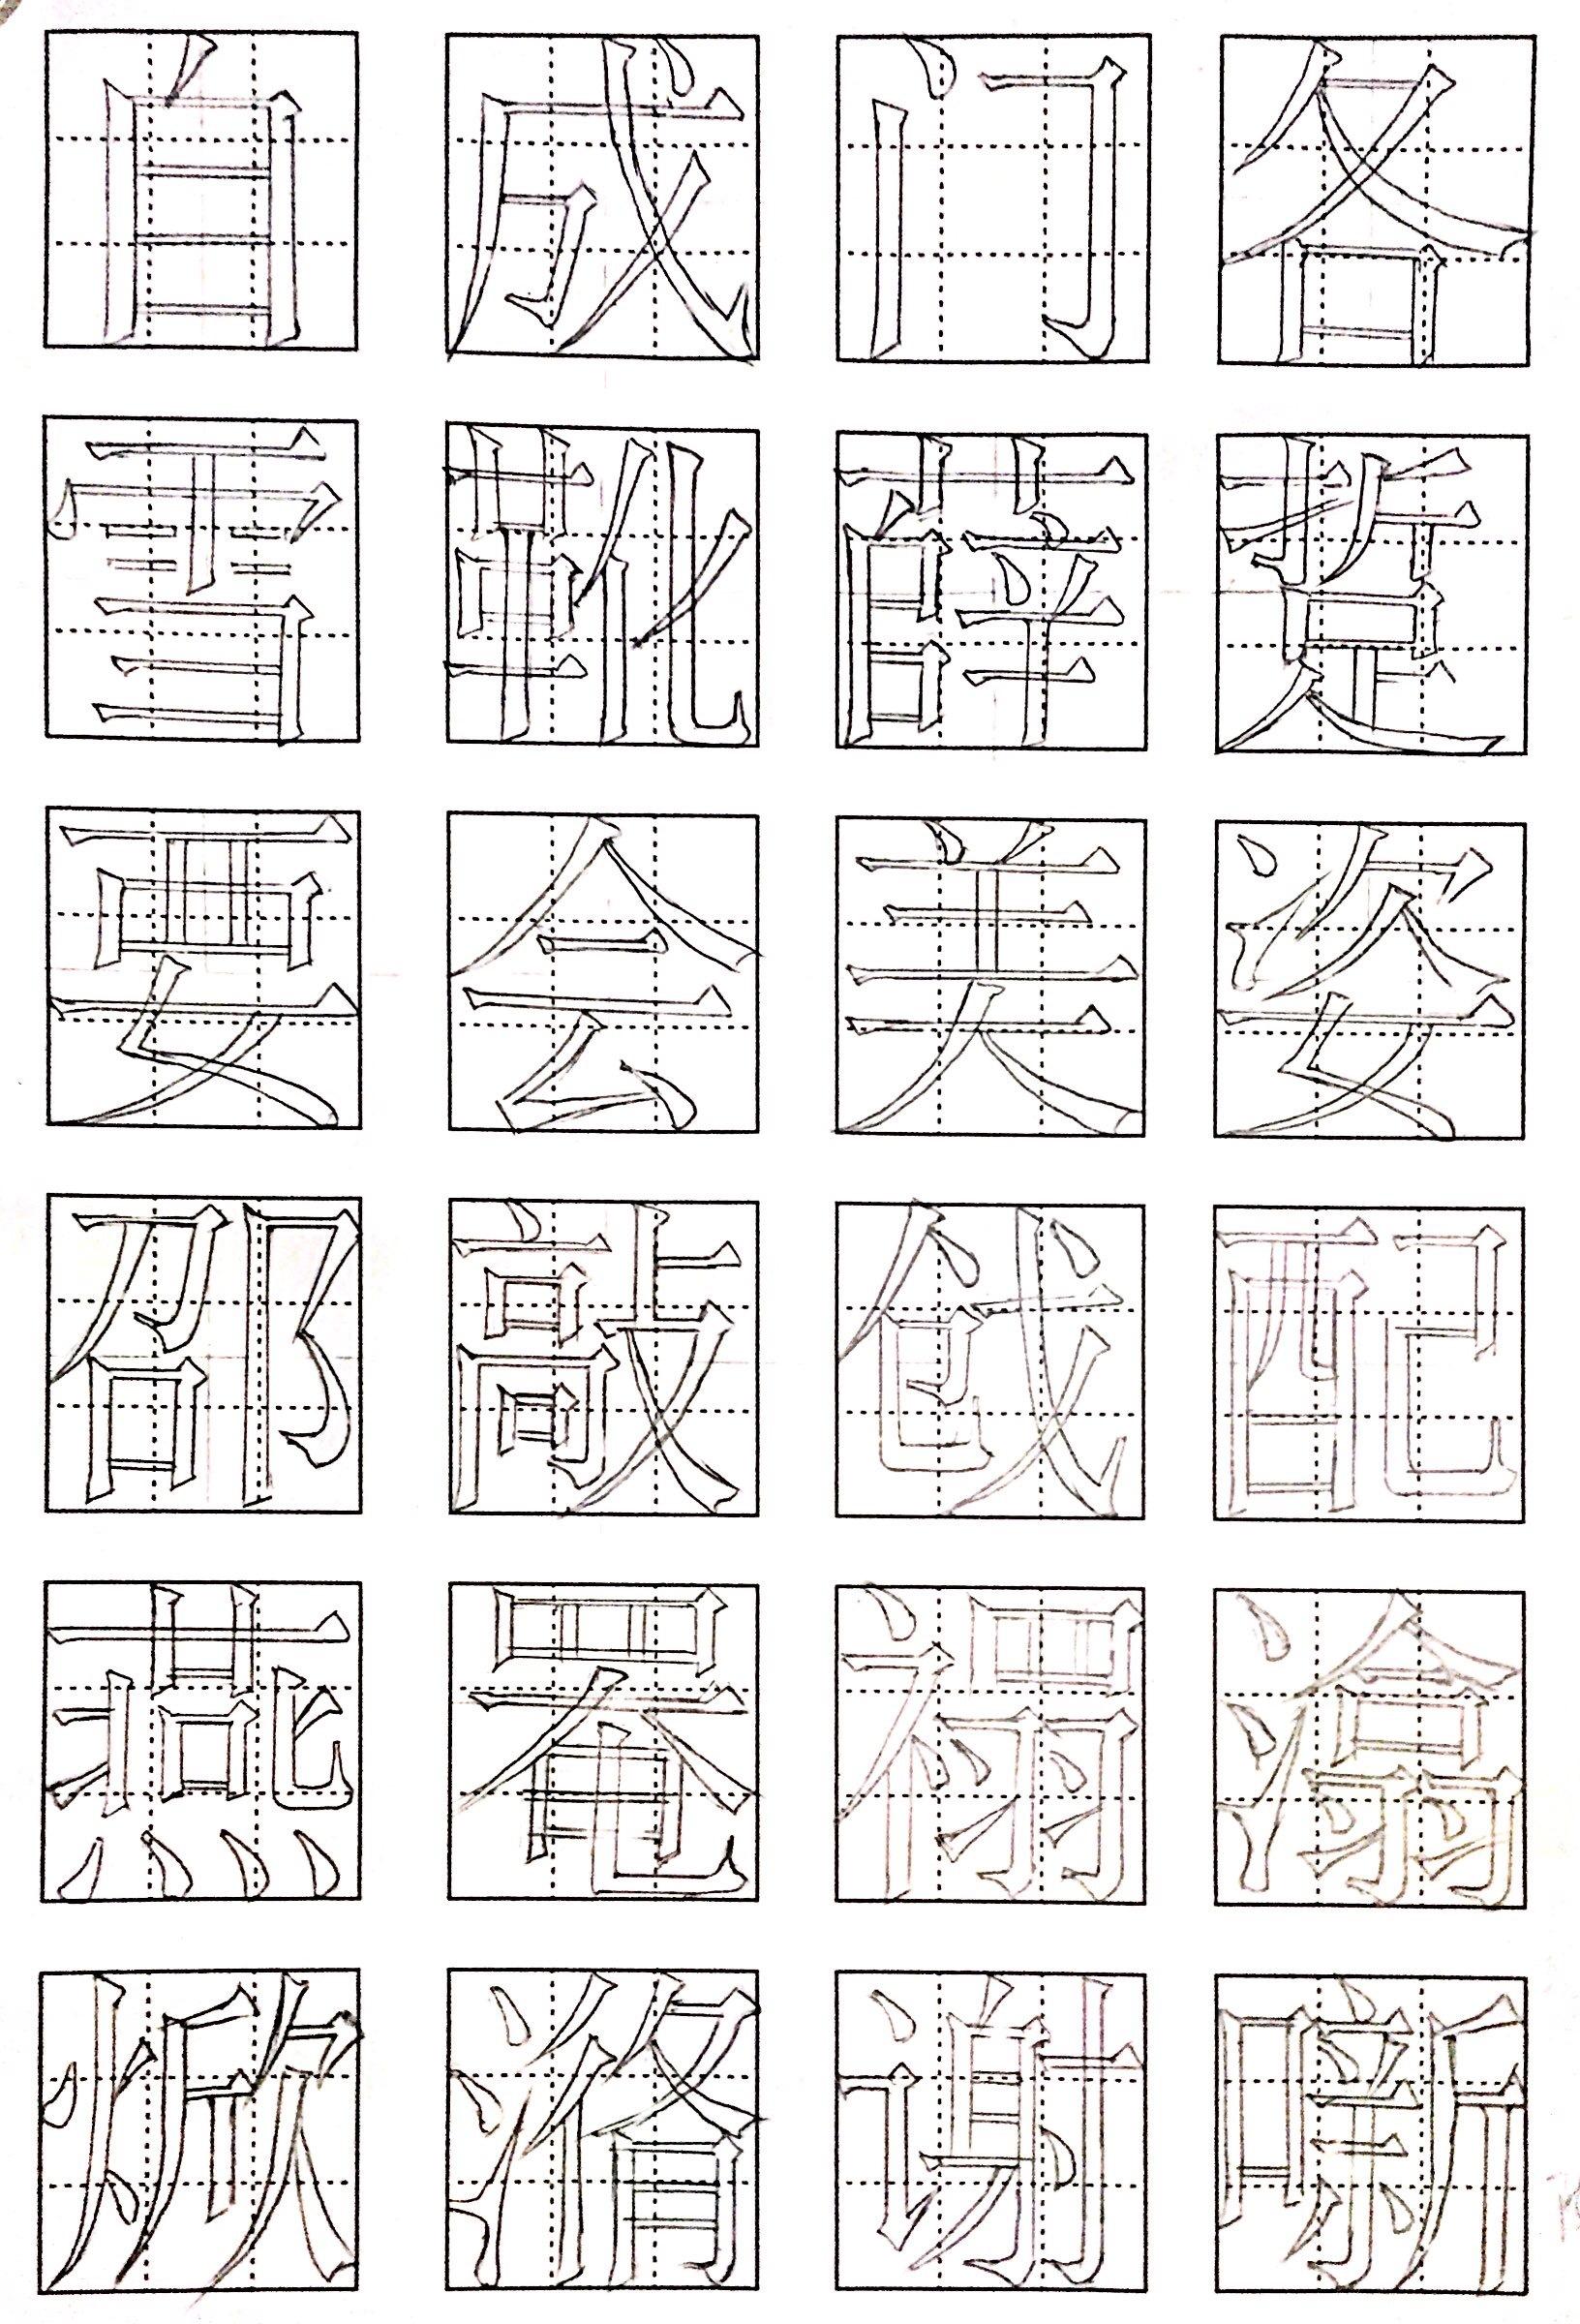 手写字体_宋体手写练习|平面|字体/字形|chhu0730 - 原创作品 - 站酷 (ZCOOL)